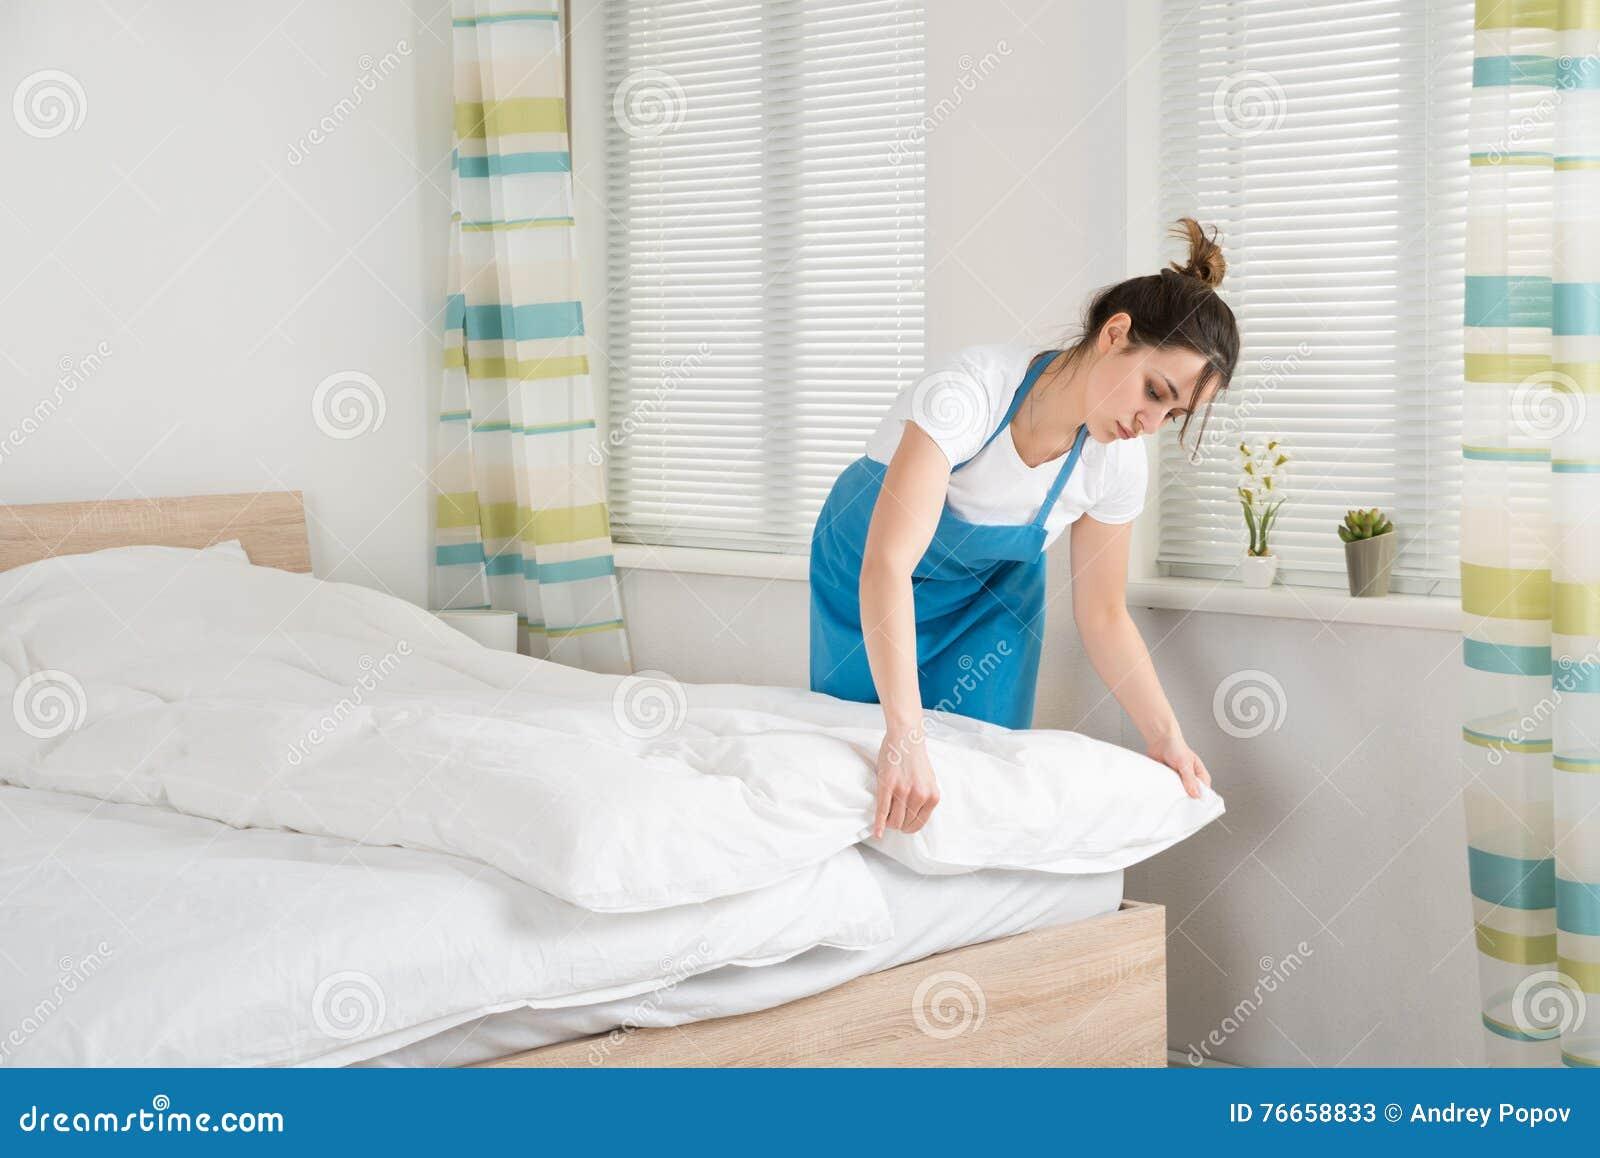 Governante femminile che sistema lenzuolo sul letto